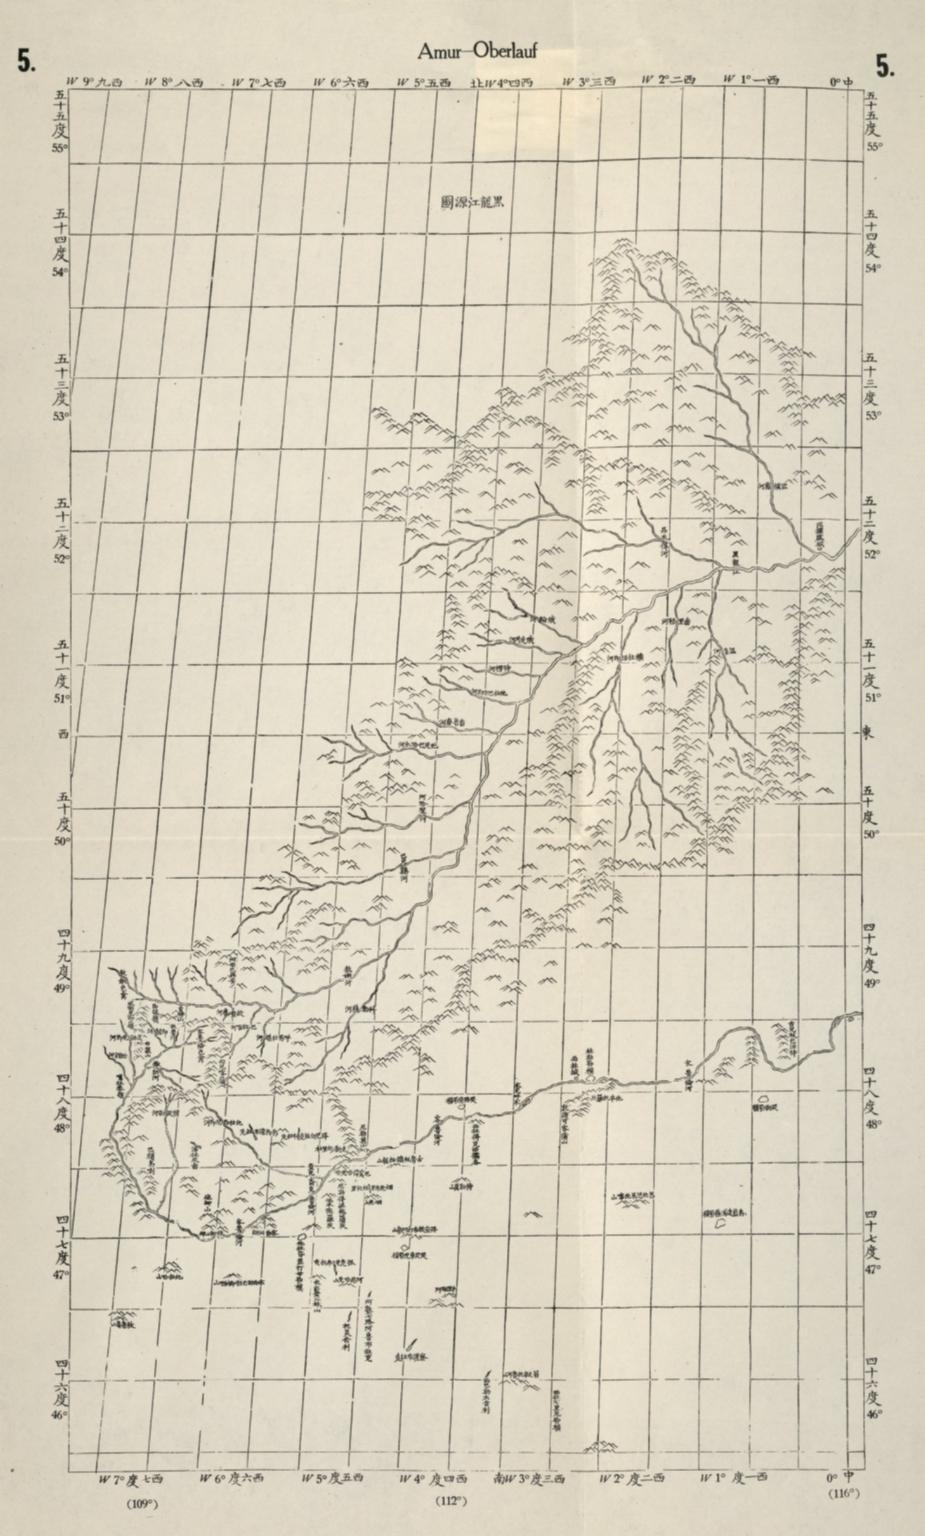 黑龍江源圖 = Amur-Oberlauf